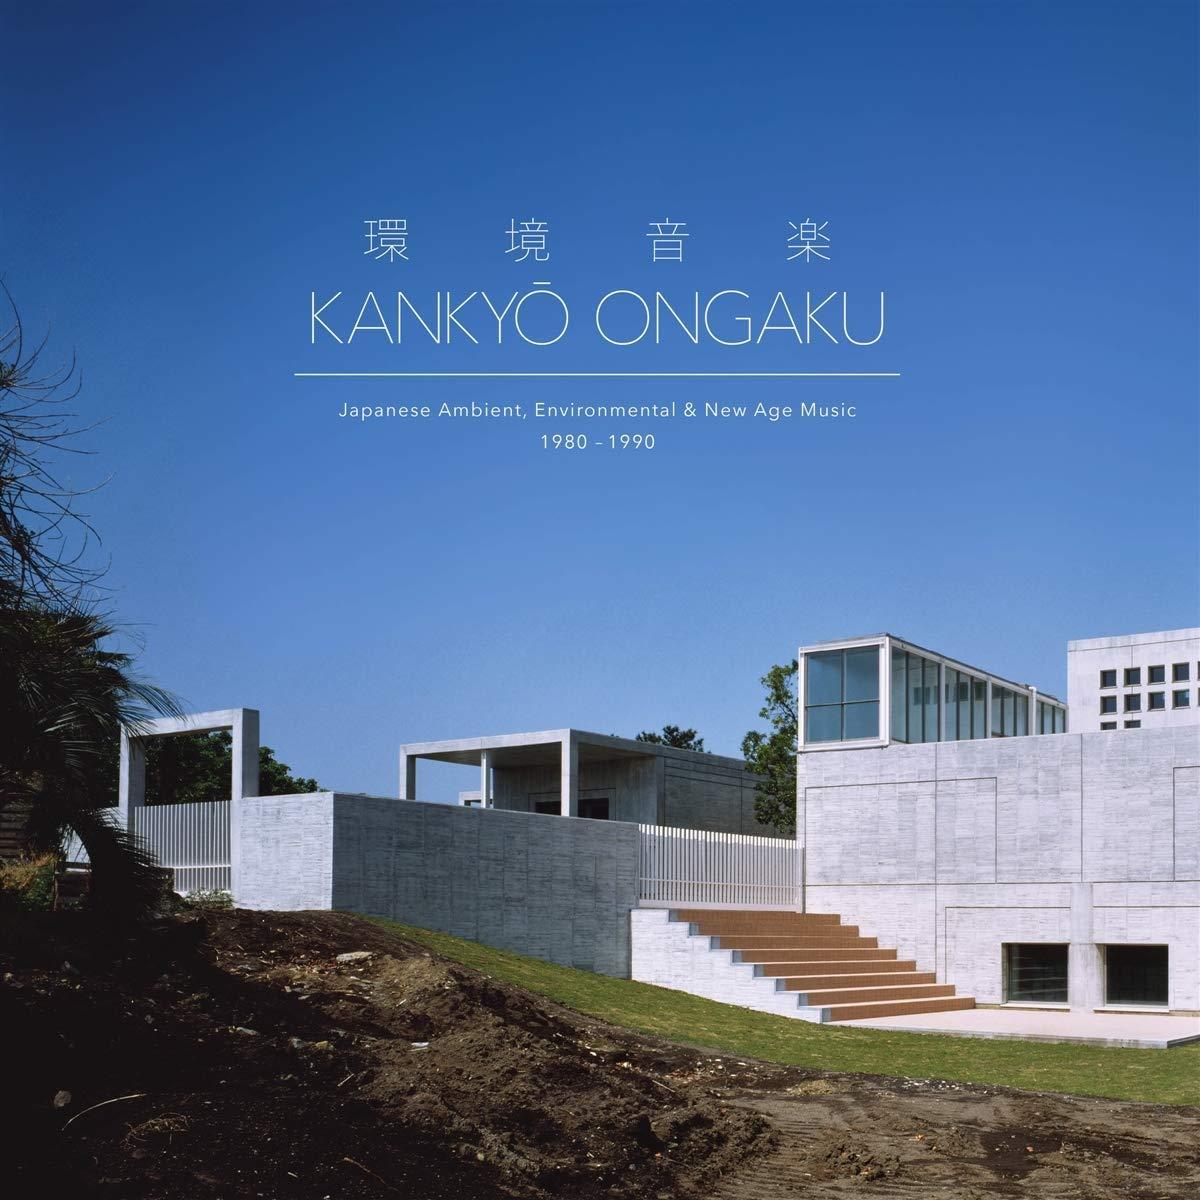 Kankyo Ongaku: Japanese Ambient Environmental & - Kankyo Ongaku: Japanese Ambient Environmental & New Age Music 1980-90